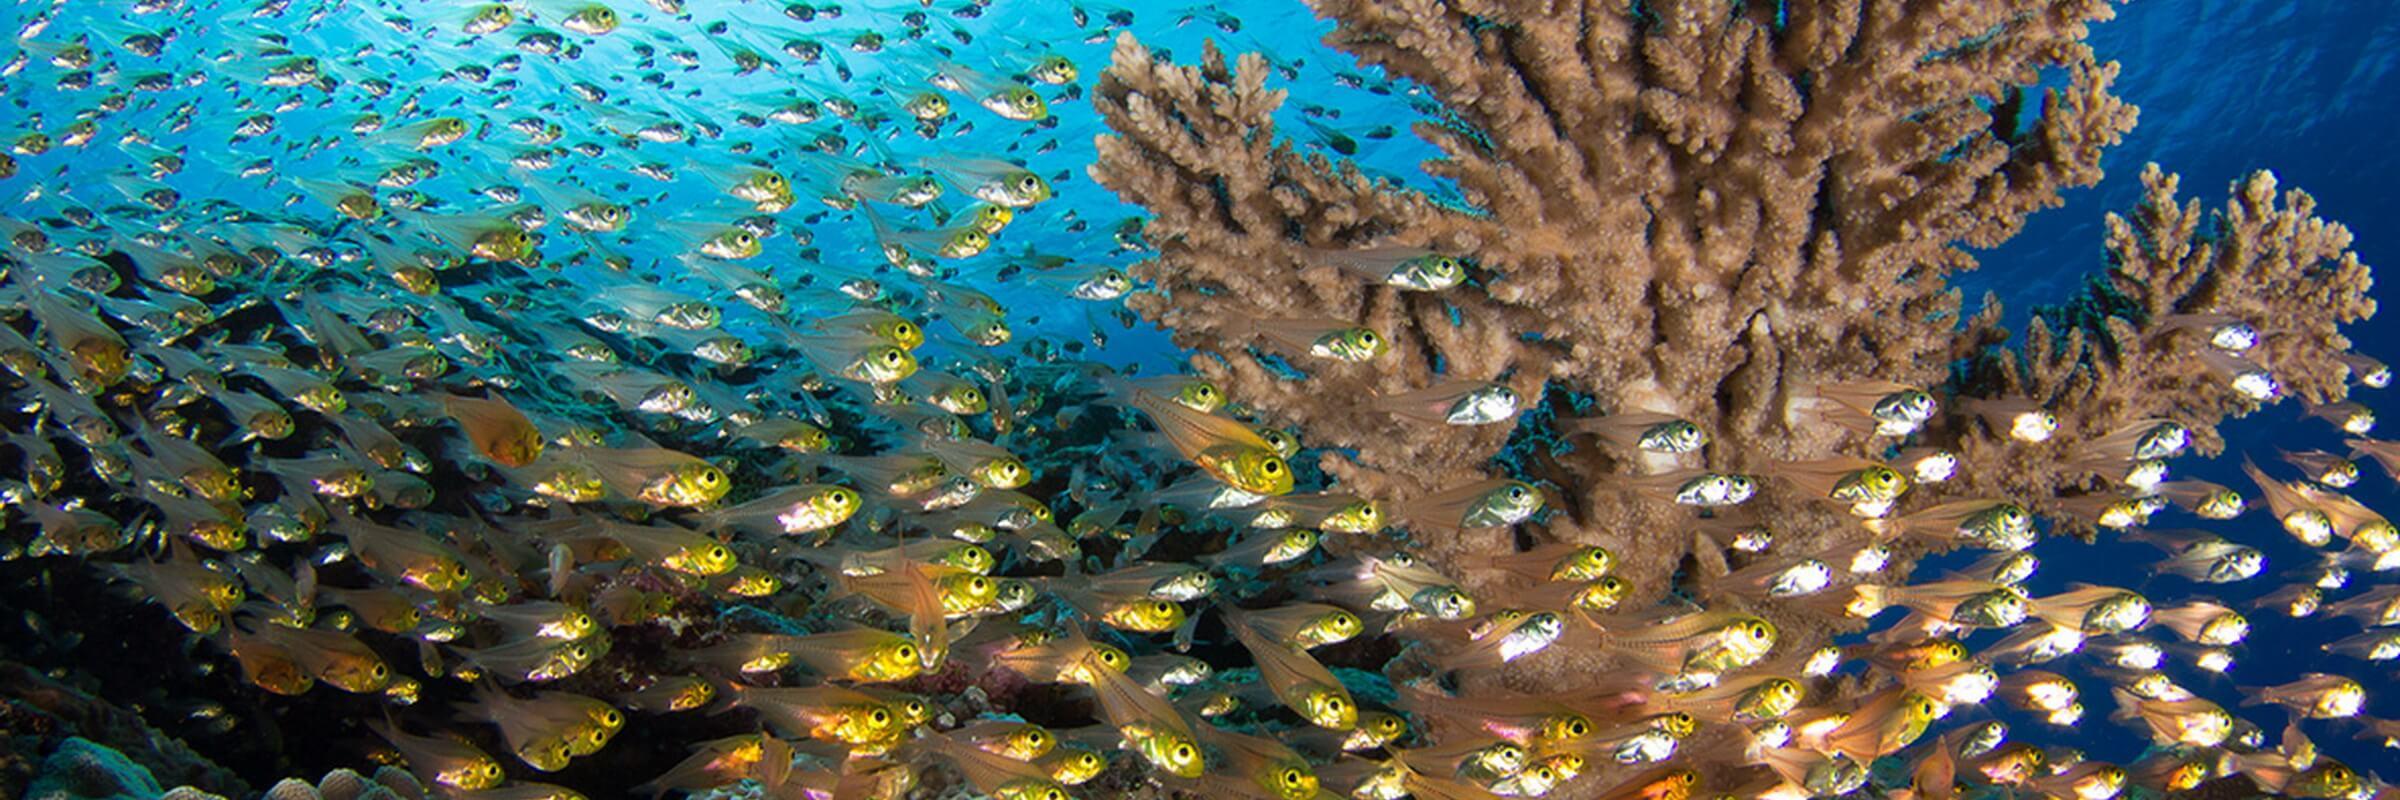 Die farbenprächtige Unterwasserflora und -Fauna rund um Yap beeindruckt selbst erfahrene Taucher.